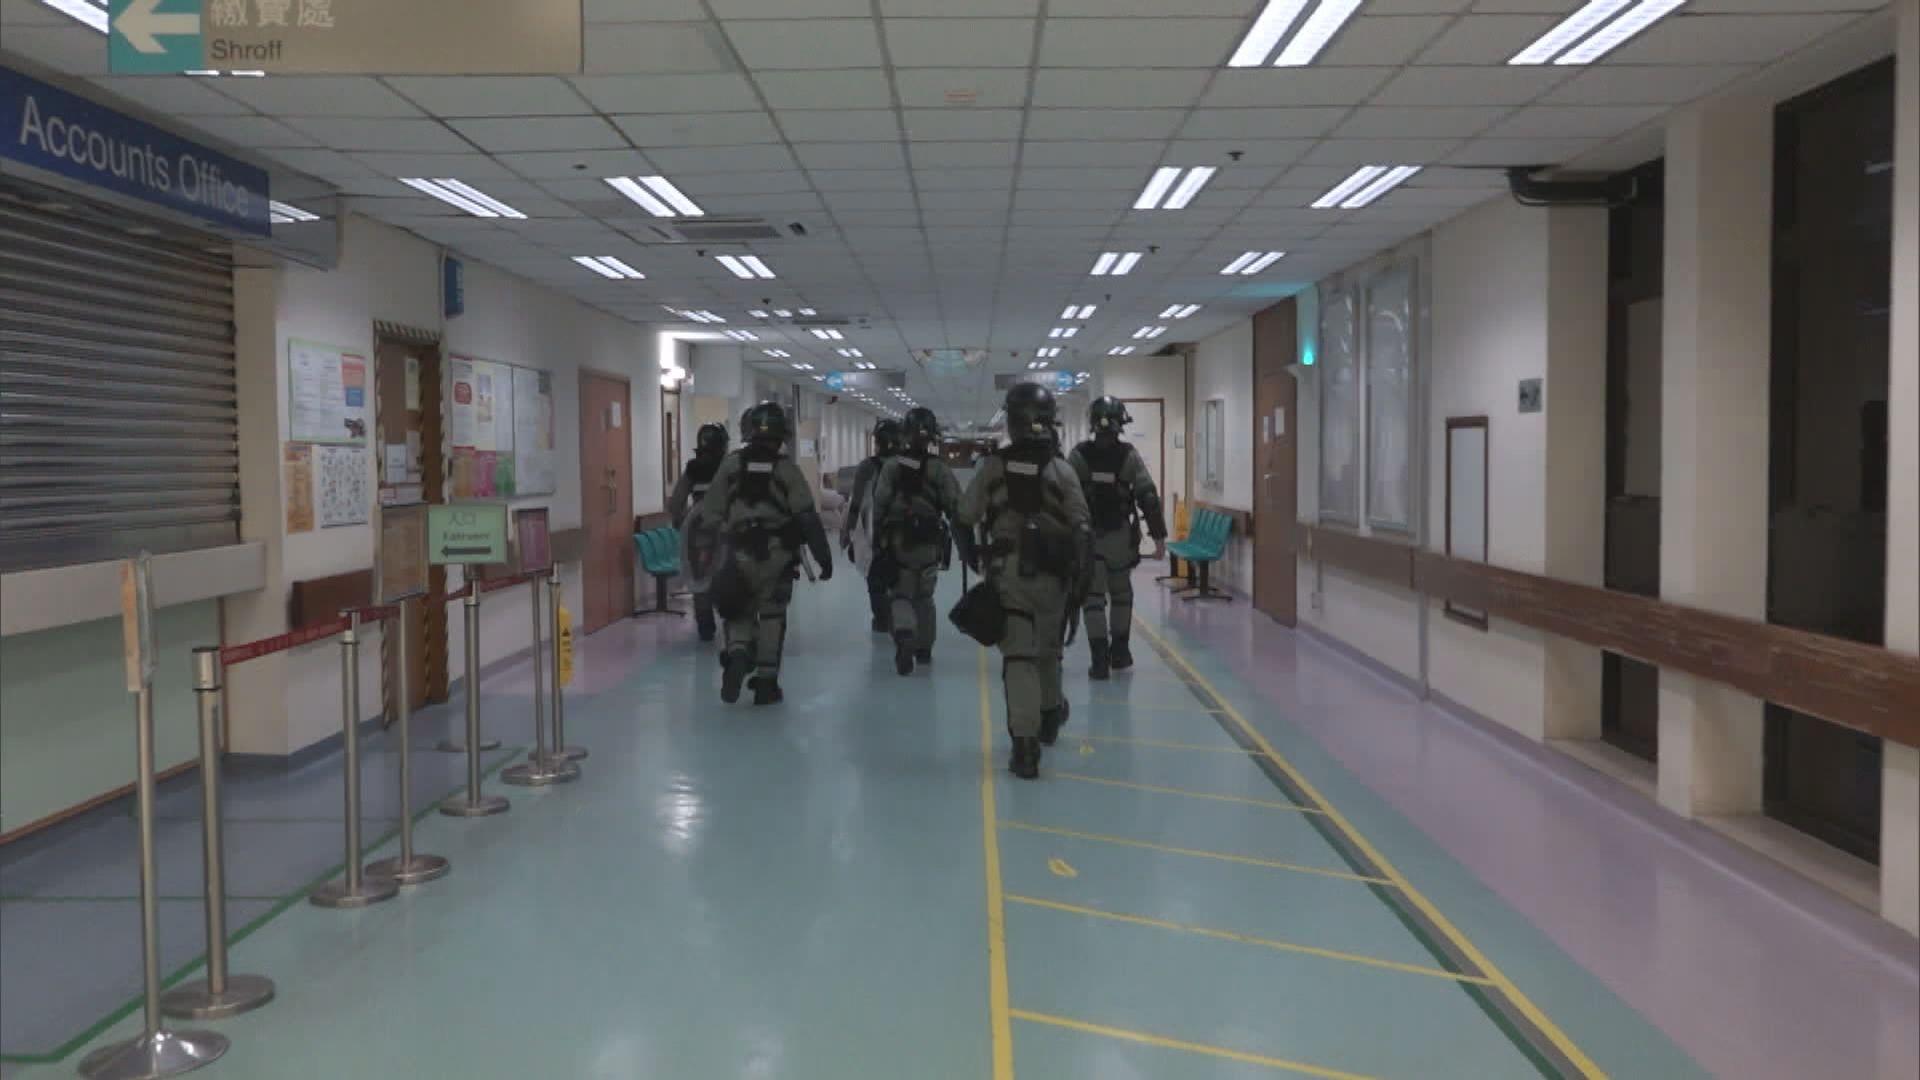 大批防暴警進入屯門醫院 醫管局表達關注